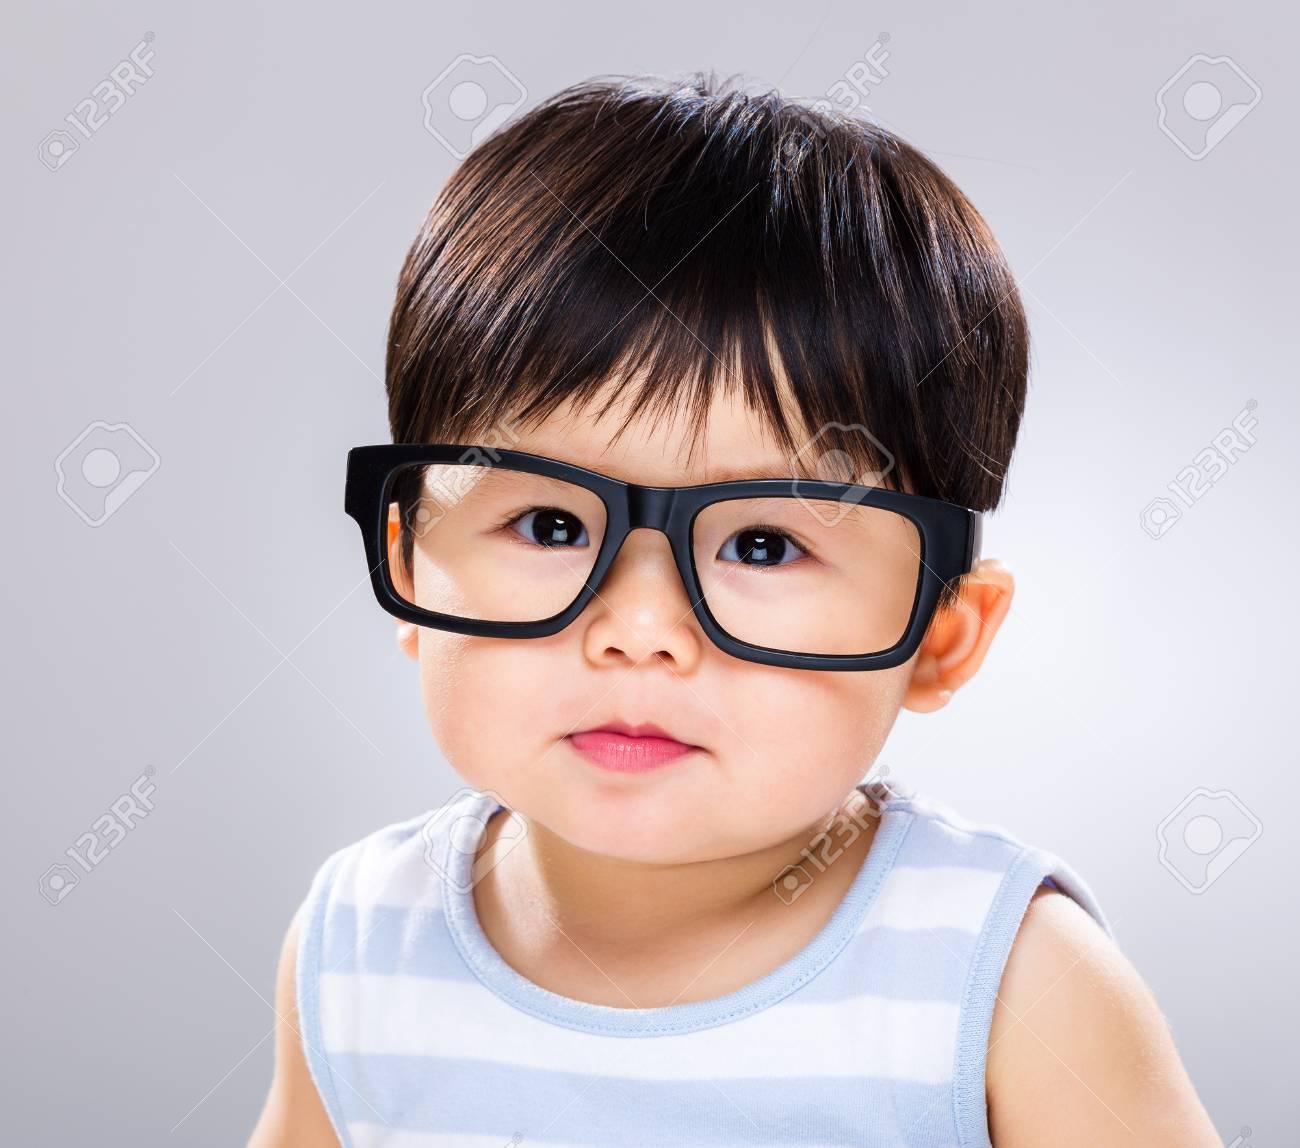 80aece0906 Usa Anteojos Para Bebés Fotos, Retratos, Imágenes Y Fotografía De ...